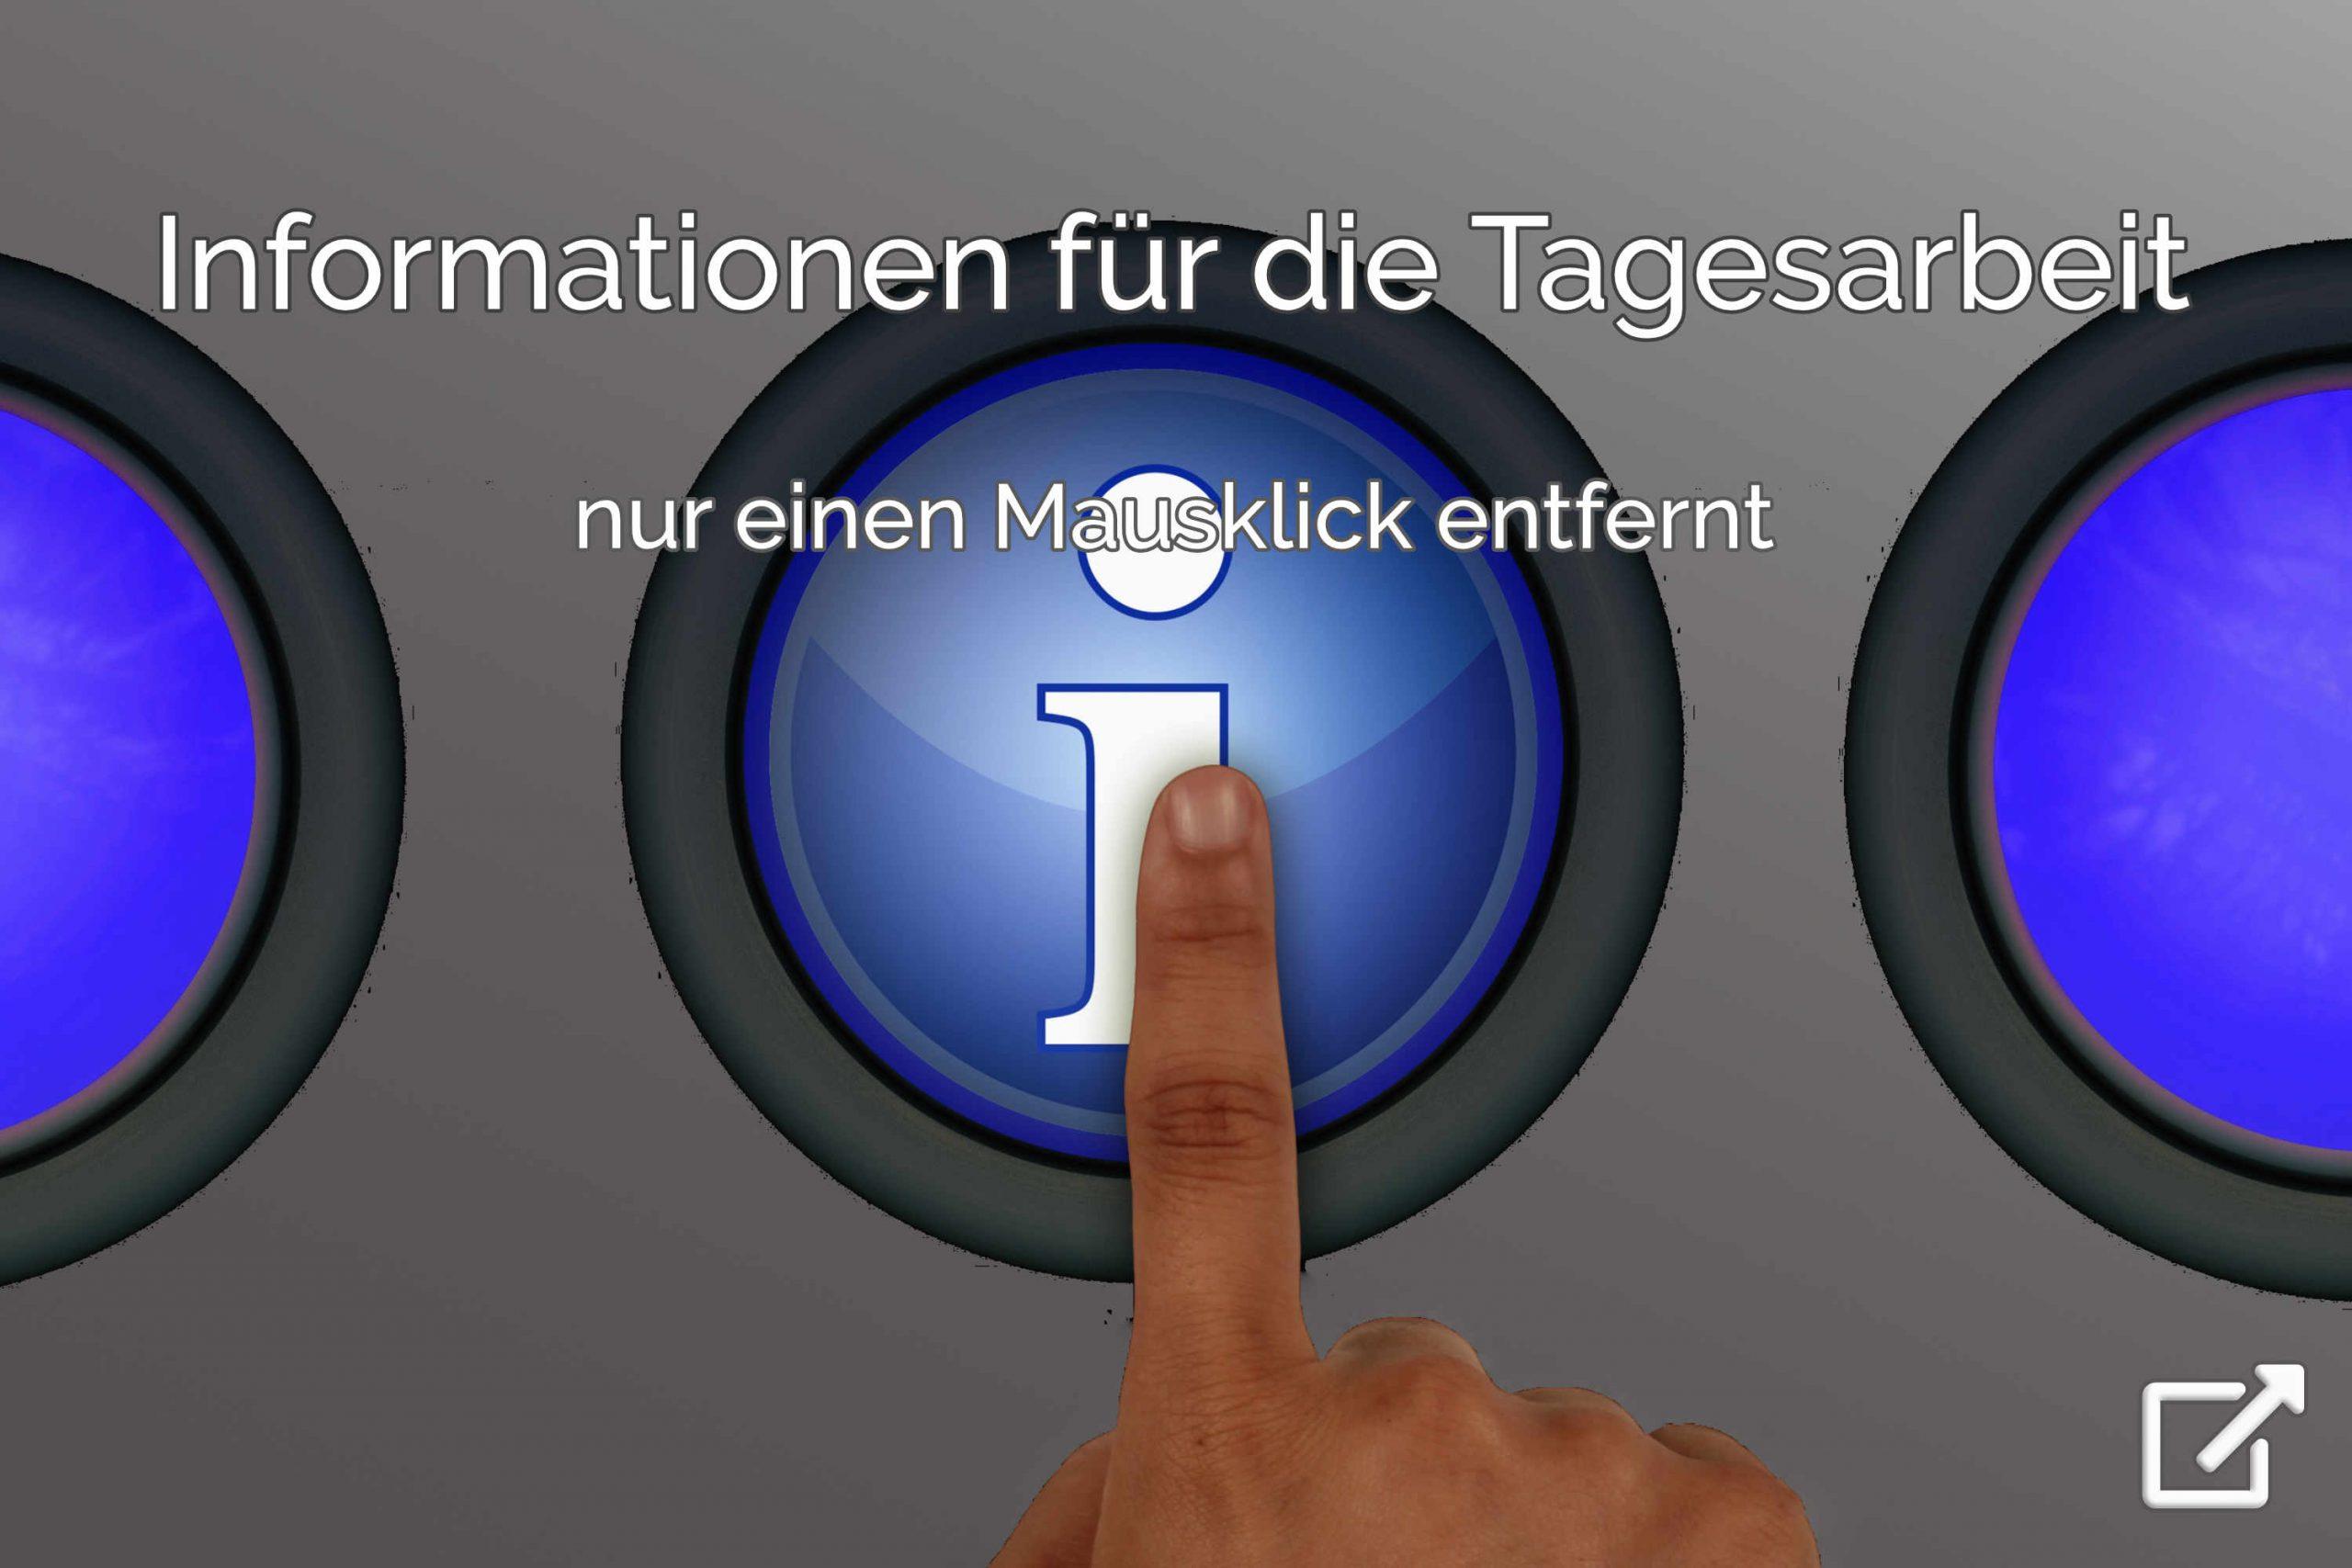 Informationen zur Tagesarbeit - nur einen Mausklick entfernt - offene Aufgaben, alle Kontaktdaten zur Akte, offene Grbühren, offene Stunden, Serienbearbeitung, Suchfunktionen, Finanzen im Überblick, Aktenkonto, Saldenliste, etc.